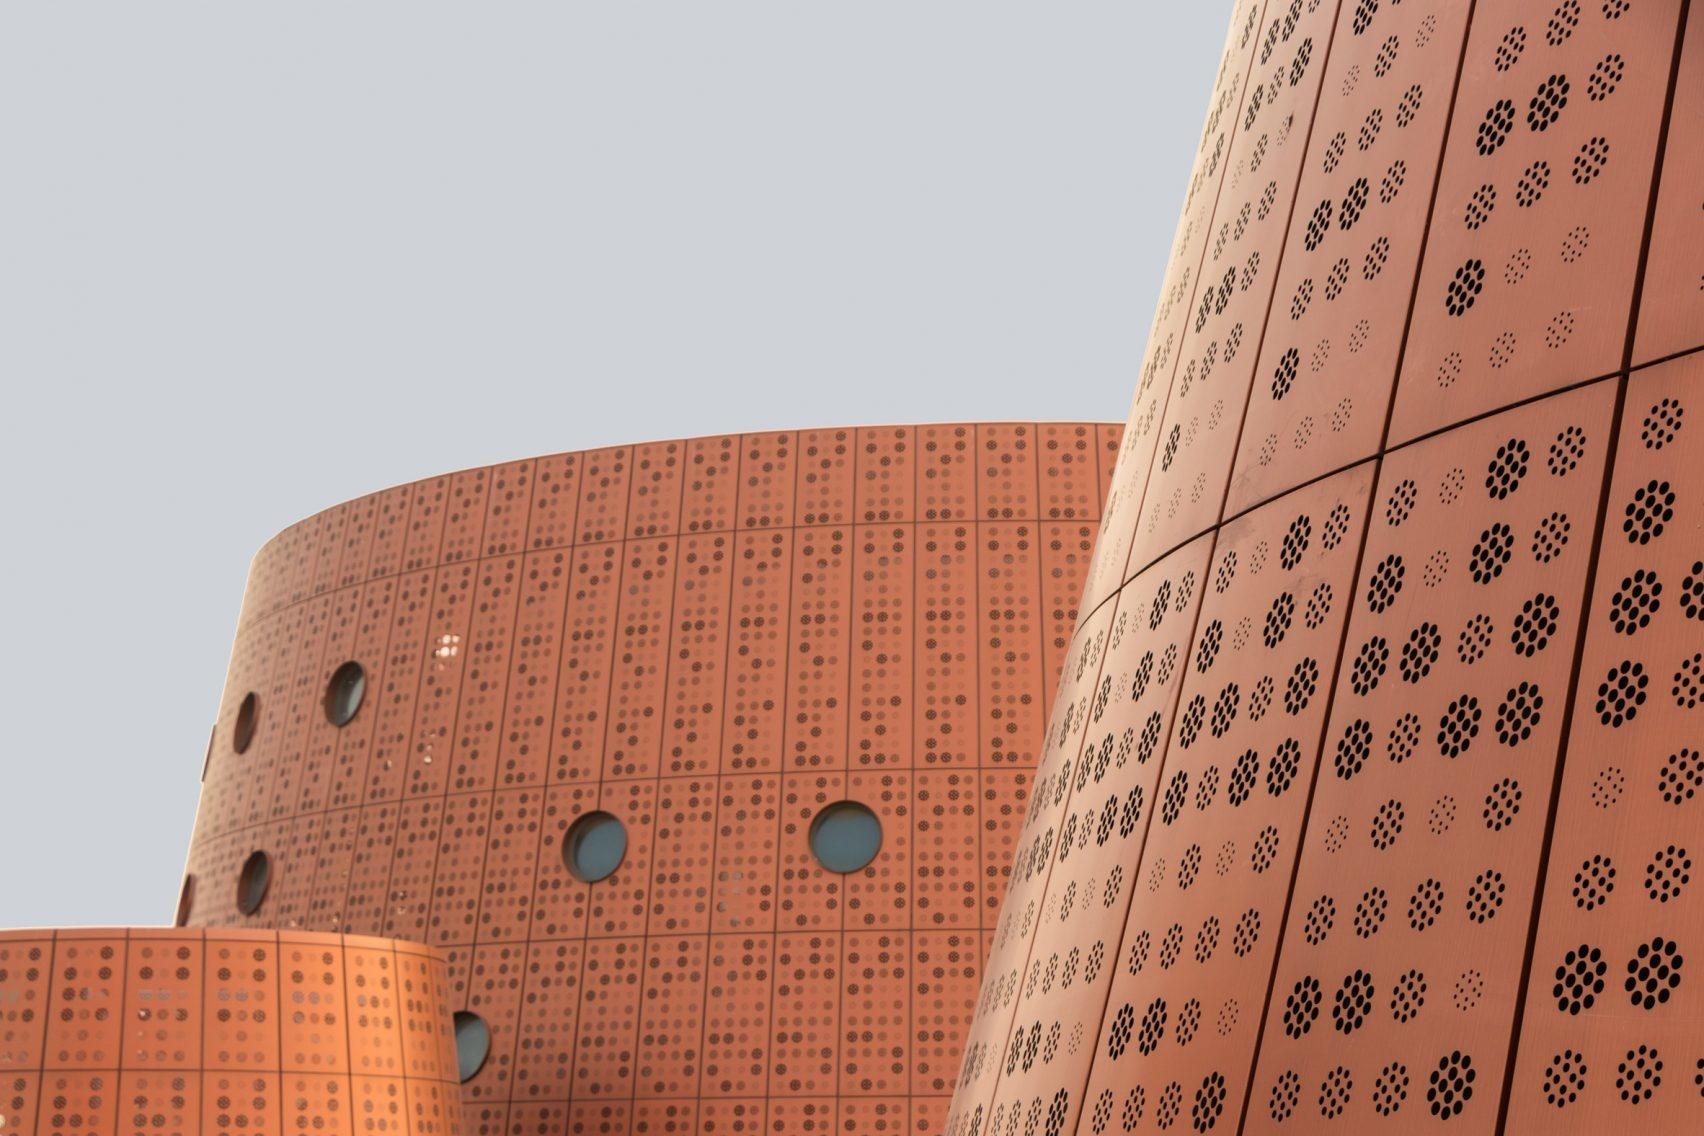 И медные трубы: новый музей по проекту Бернара Чуми в Китае (галерея 6, фото 5)